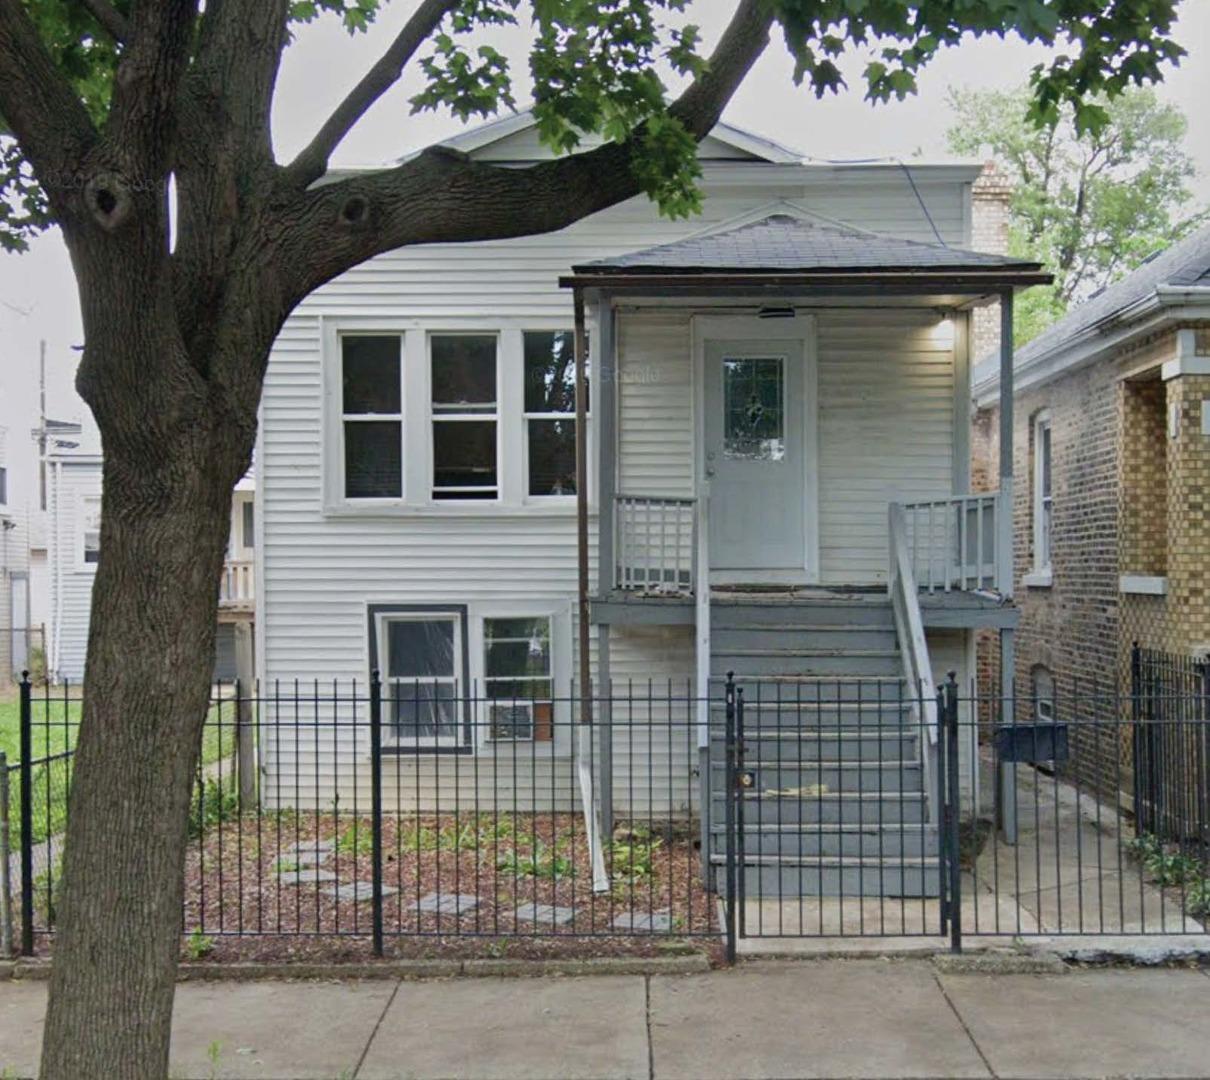 5014 W Wabansia Avenue, Chicago IL 60639